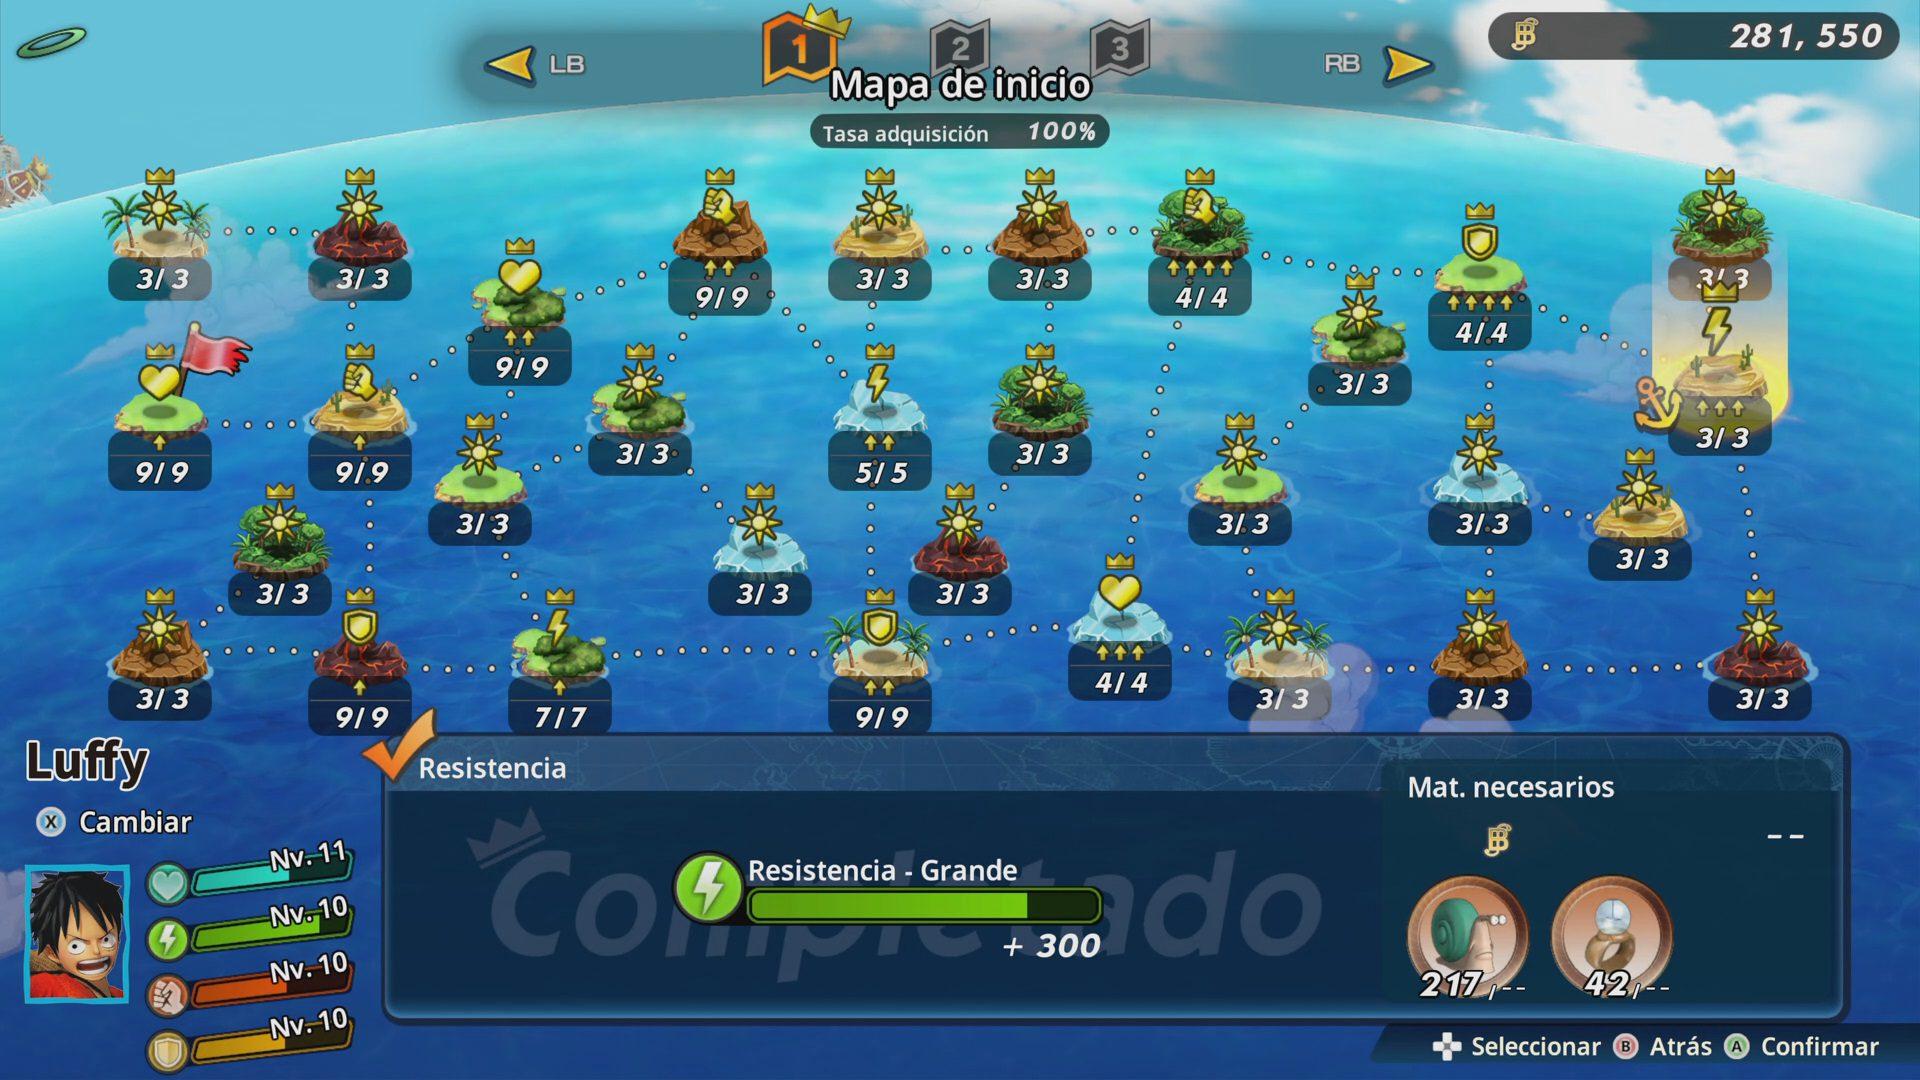 Mapa de inicio completado en One Piece Pirate Warriors 4